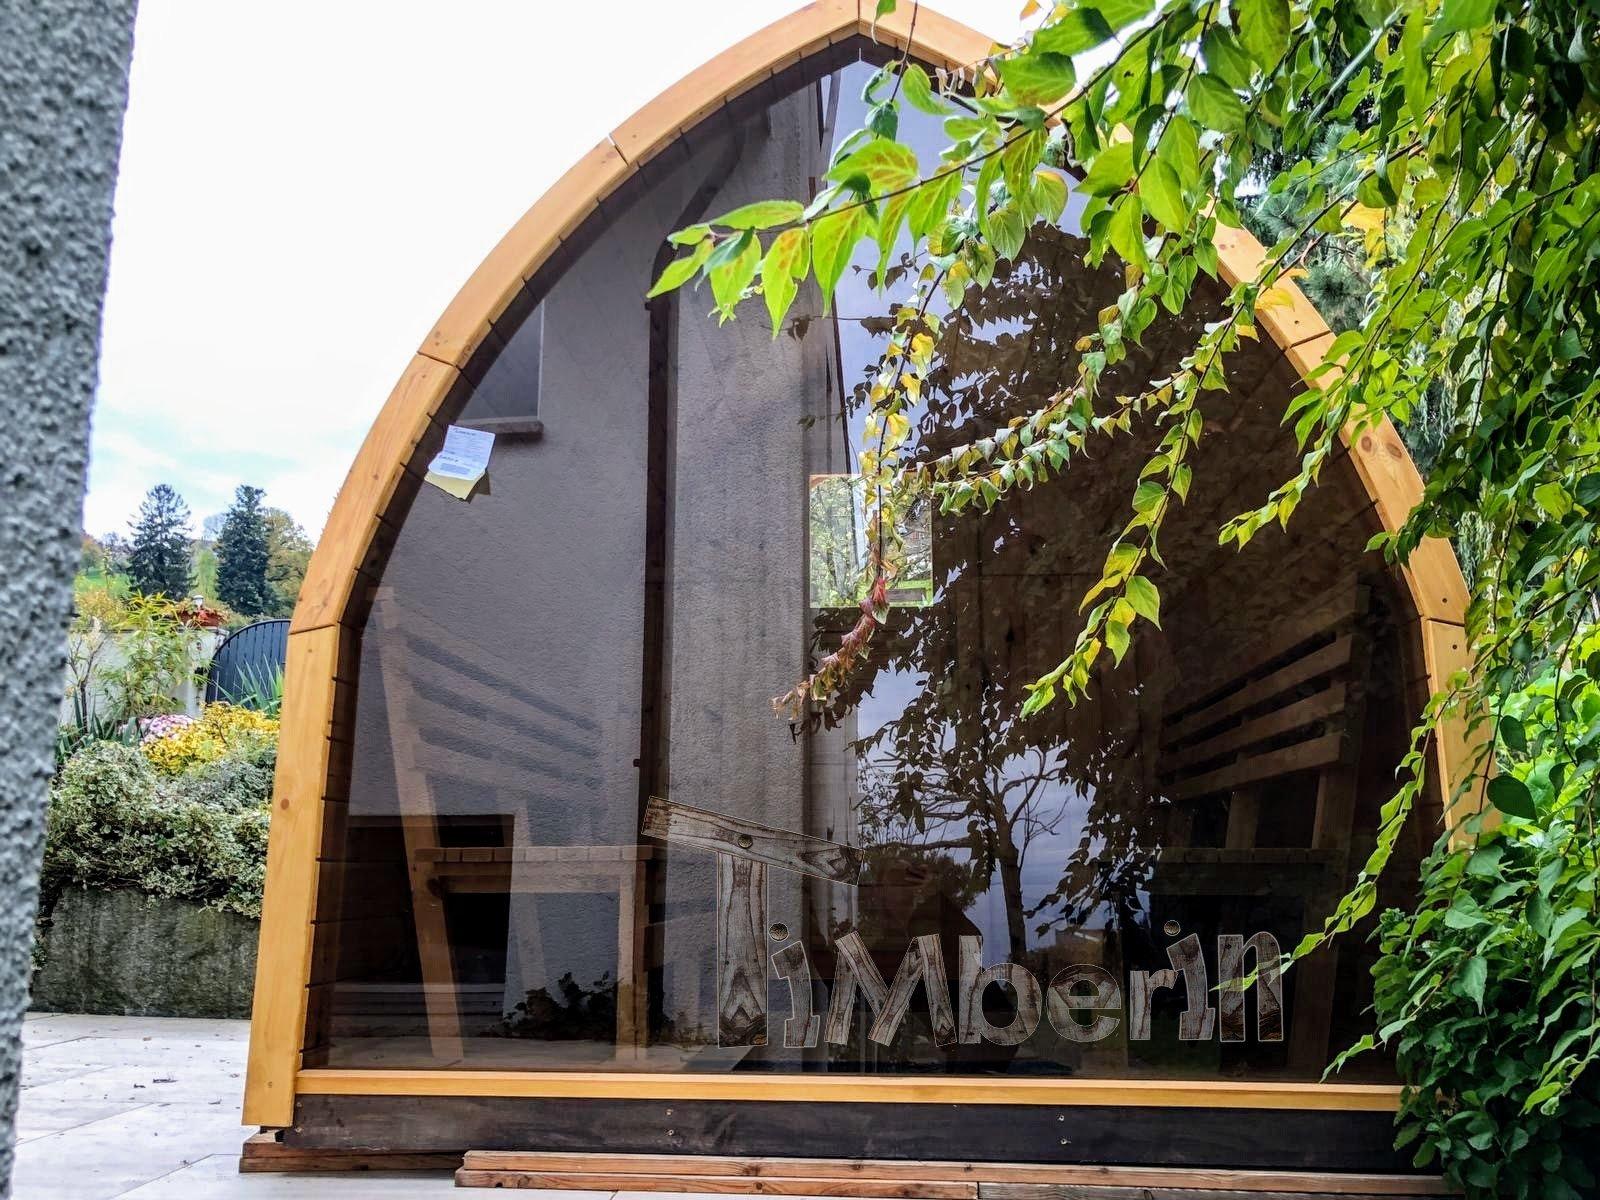 Außensauna Gartensauna Iglu Pod mit Holzofen Elektrisch 4 1